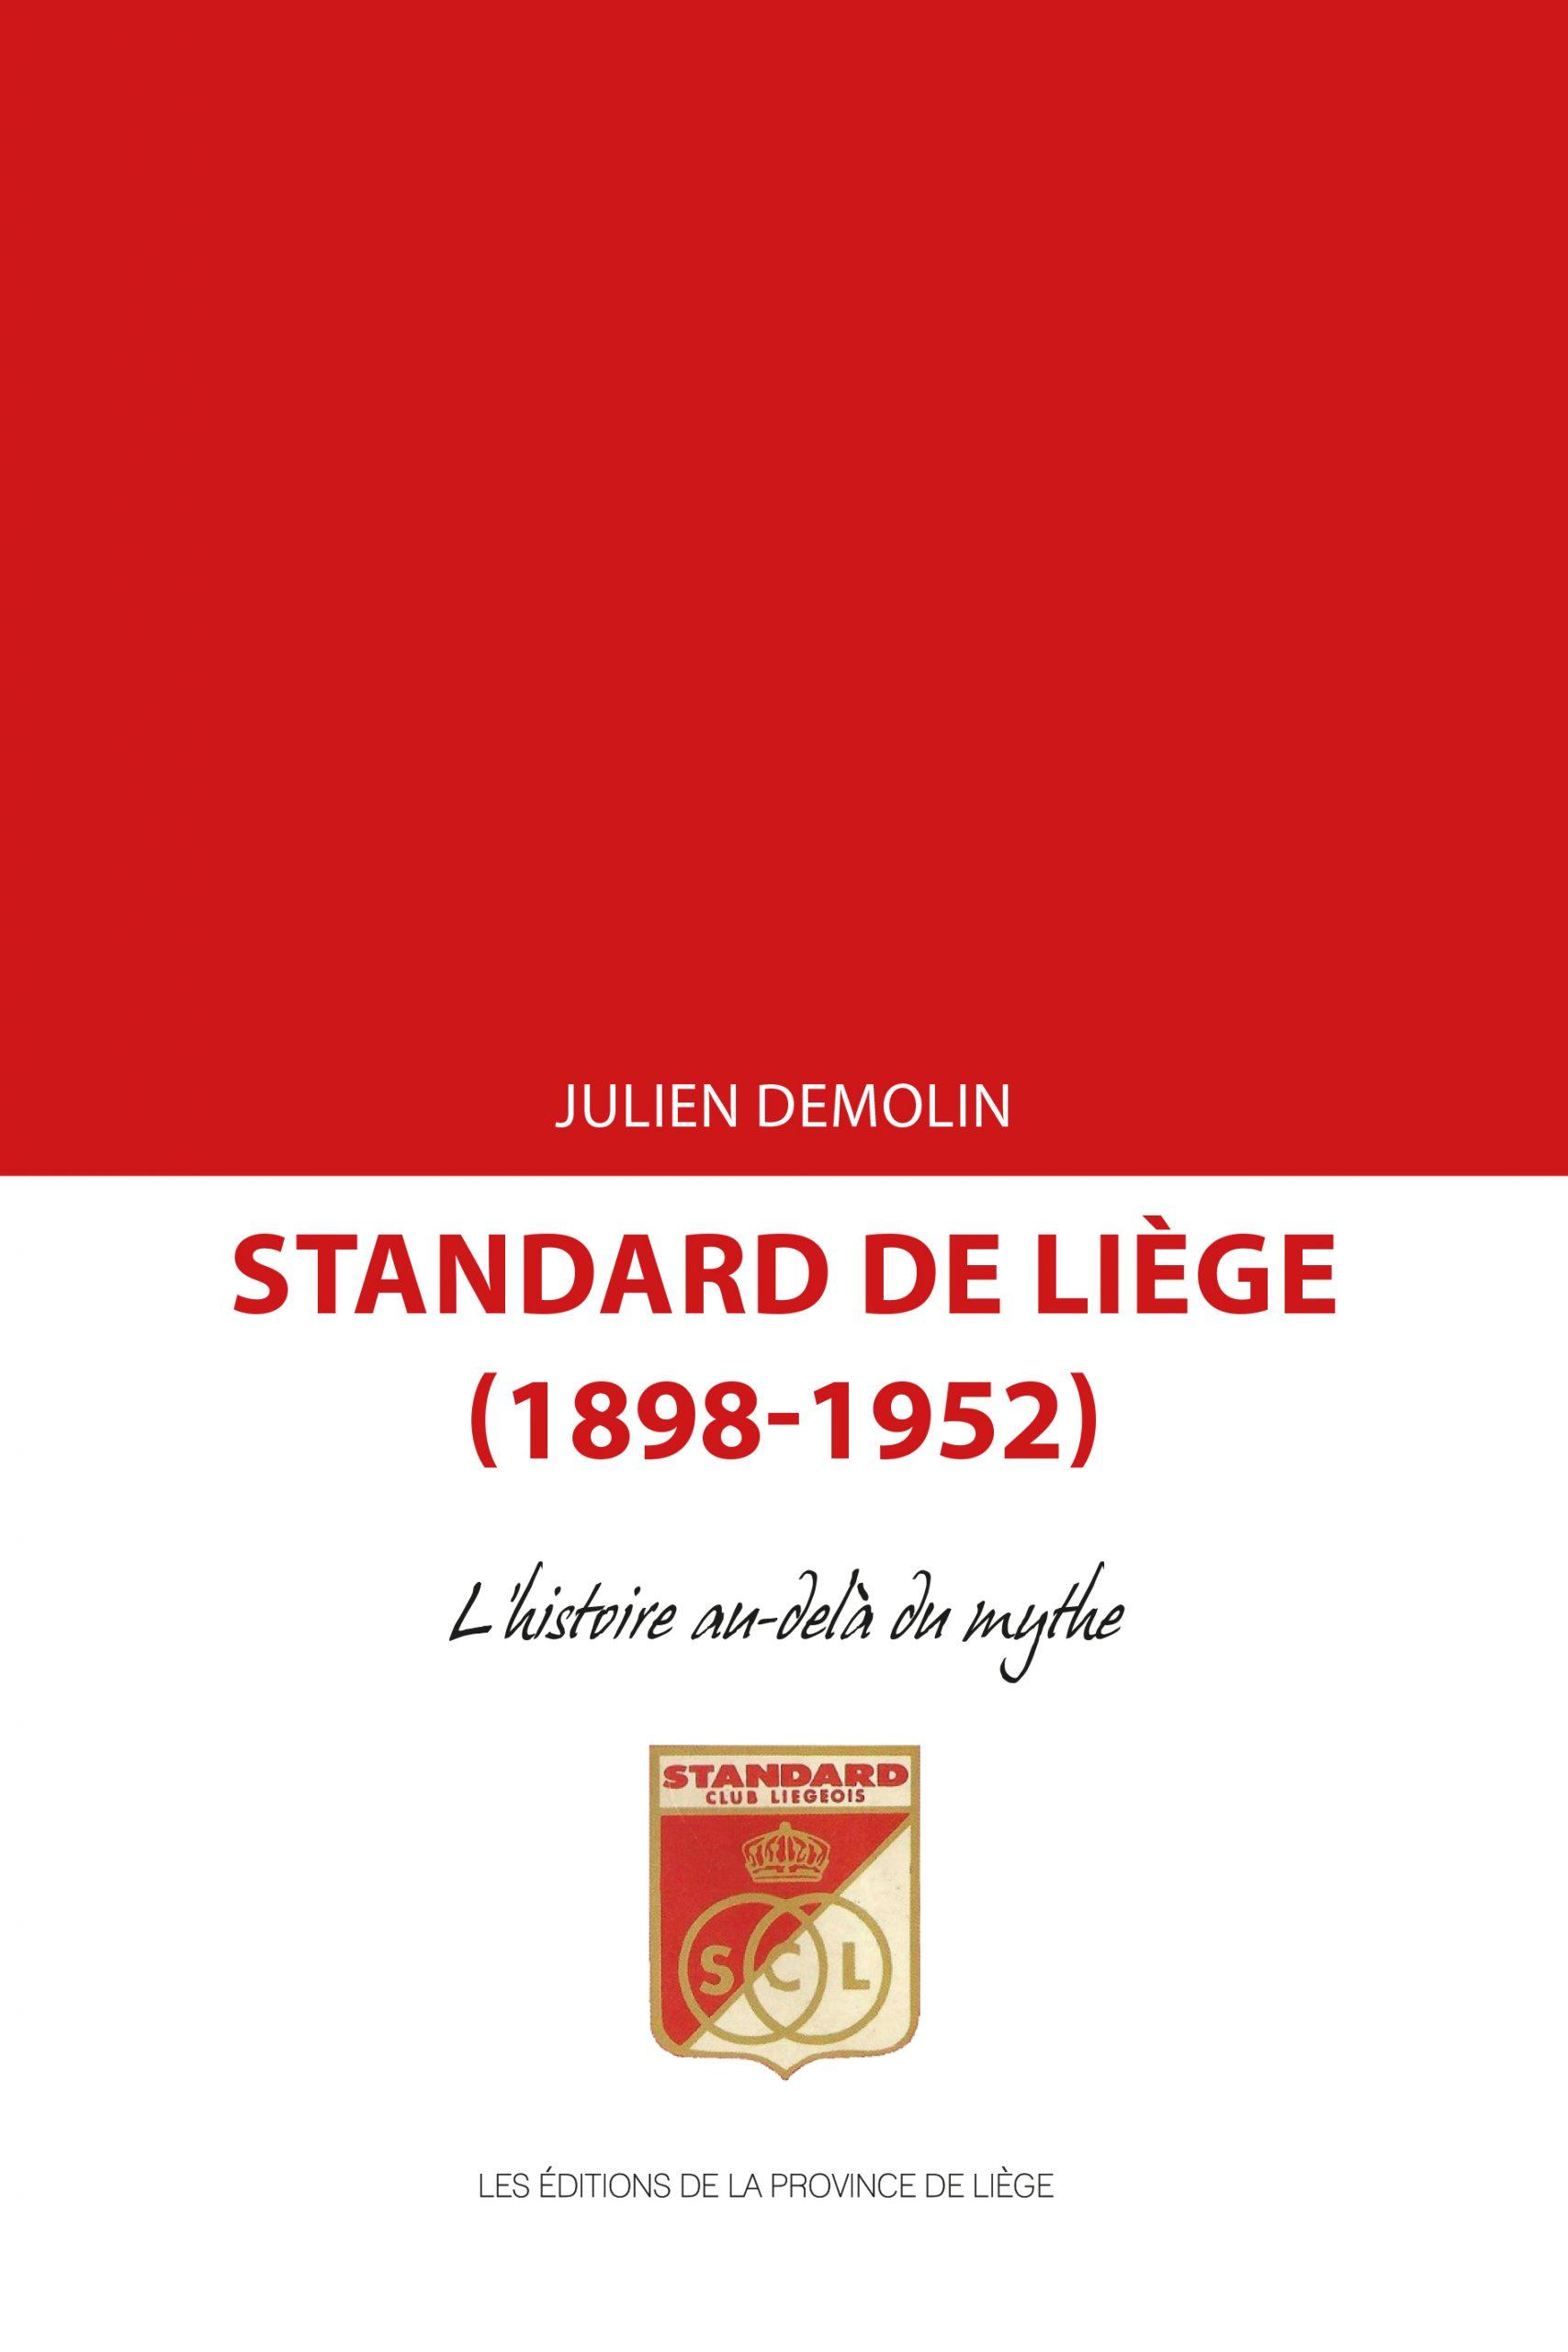 Standard de Liège (1898-1952) – L'histoire au-delà du mythe